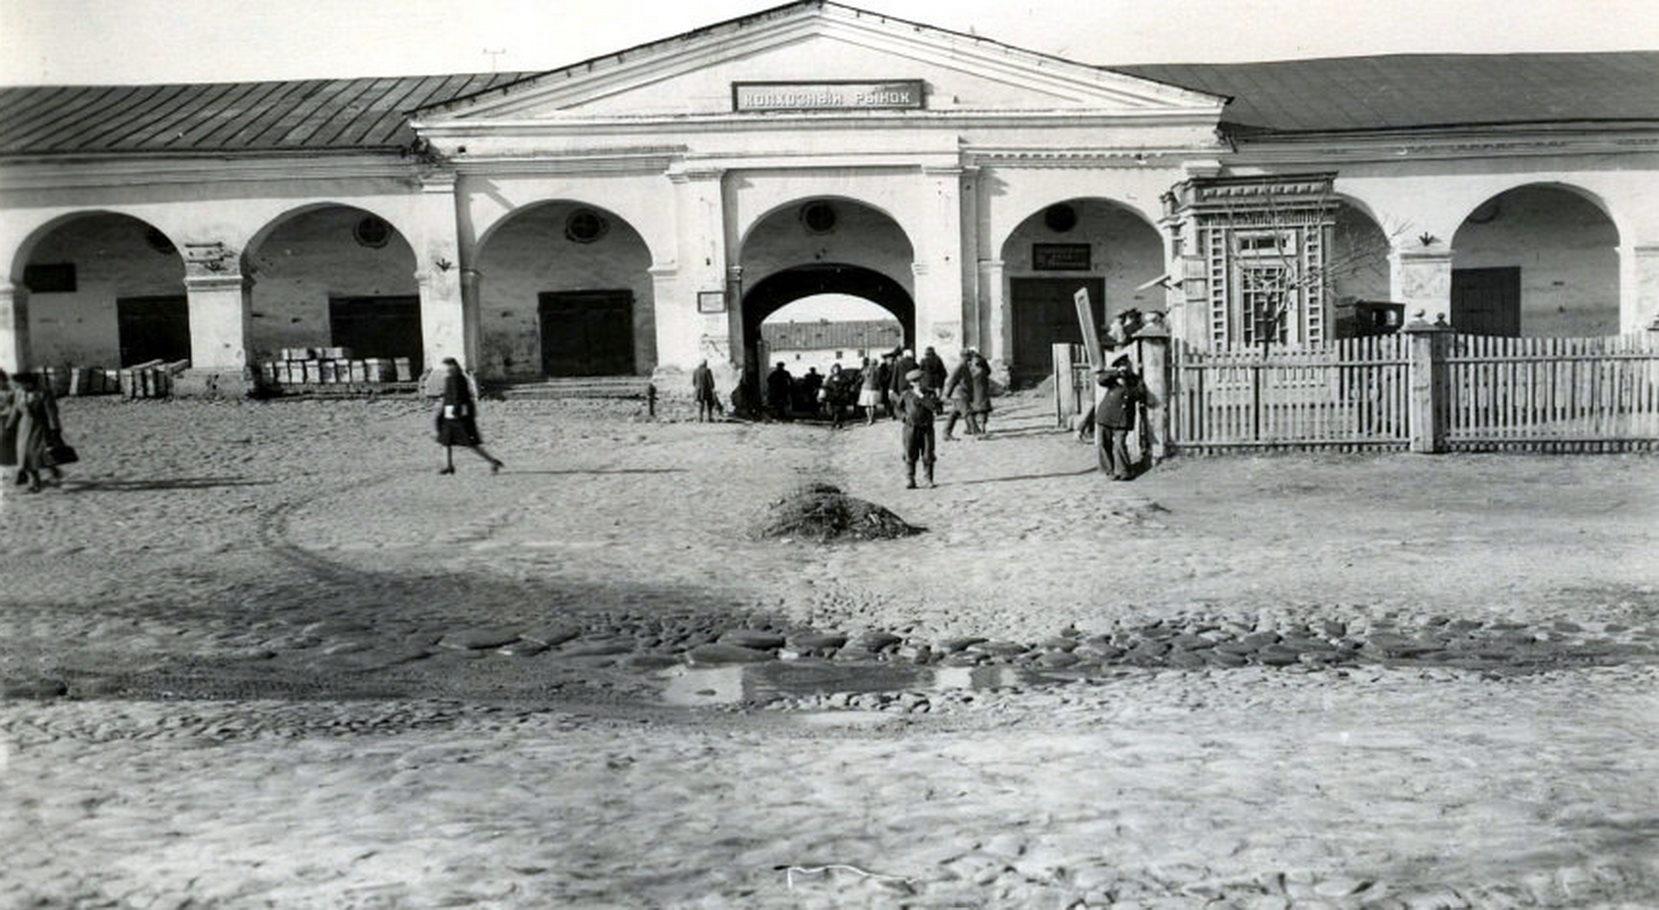 Мучные ряды и колхозный рынок в Костроме